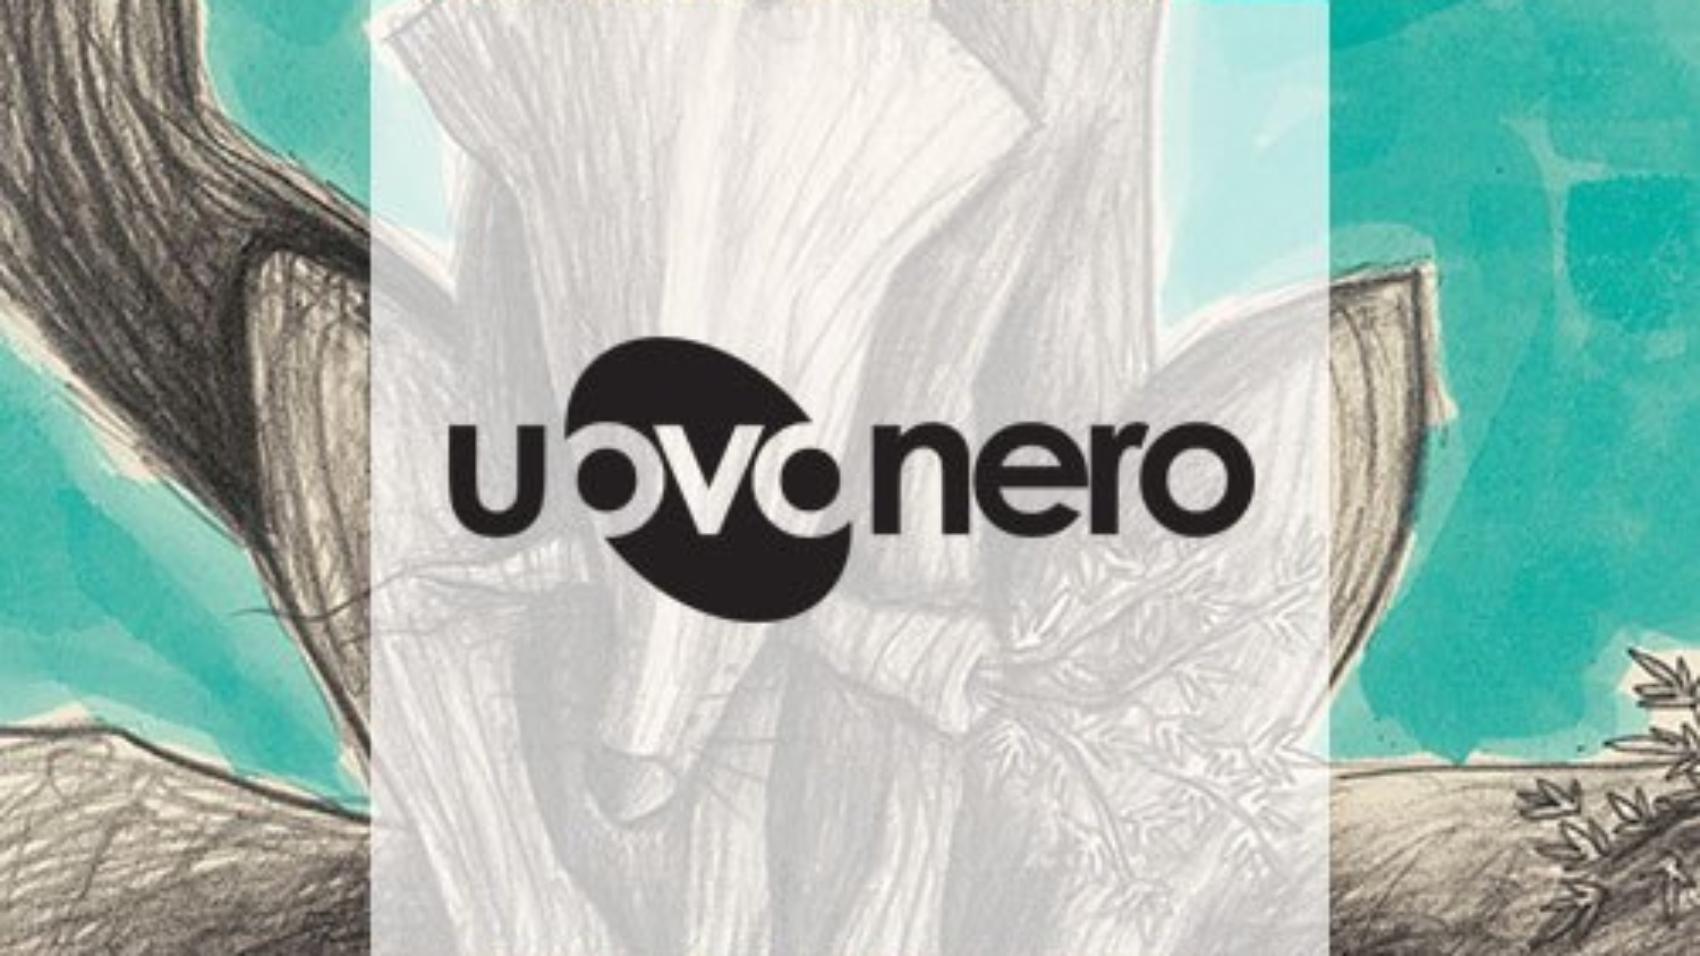 Uovonero Edizioni Crema